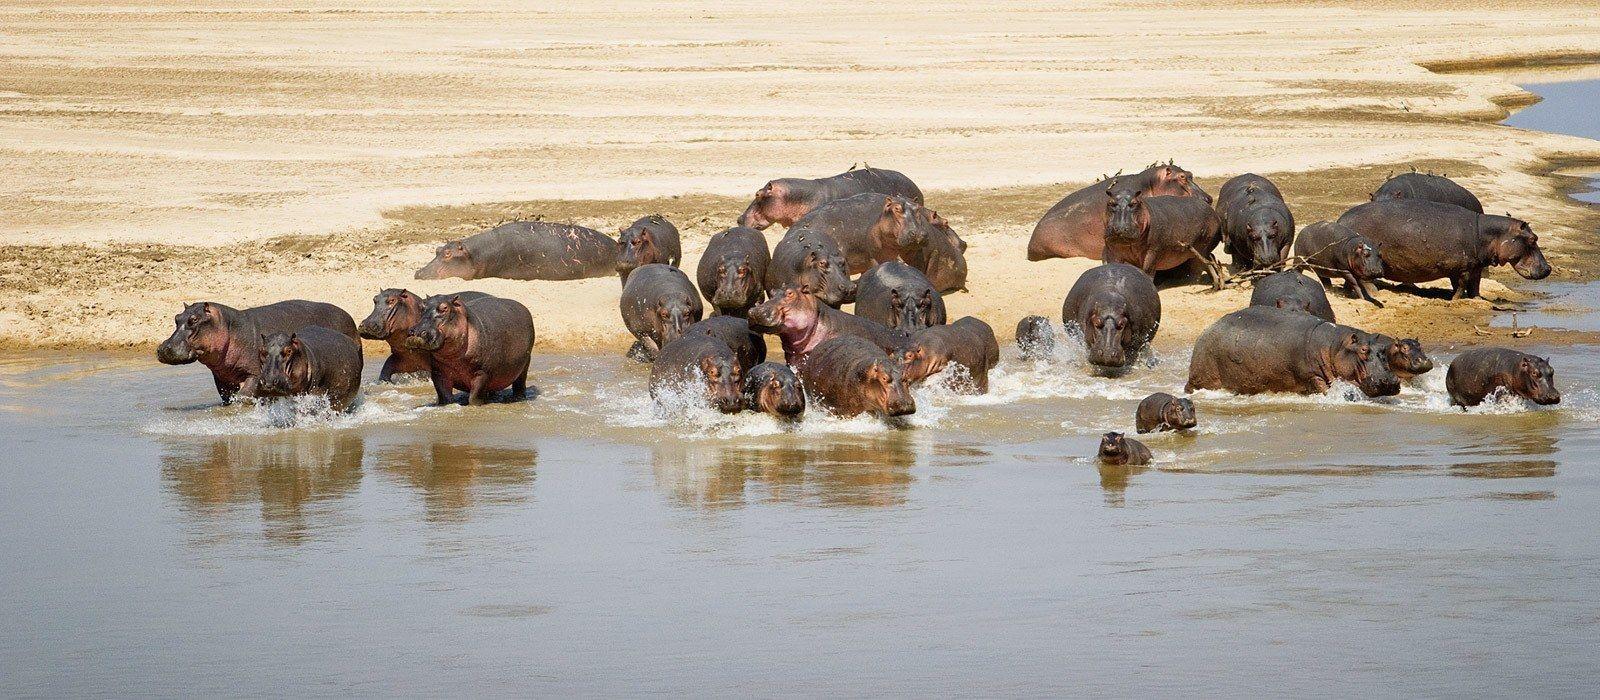 Auf Safari durch Sambia – weite Landschaften & wilde Tierwelt Urlaub 1